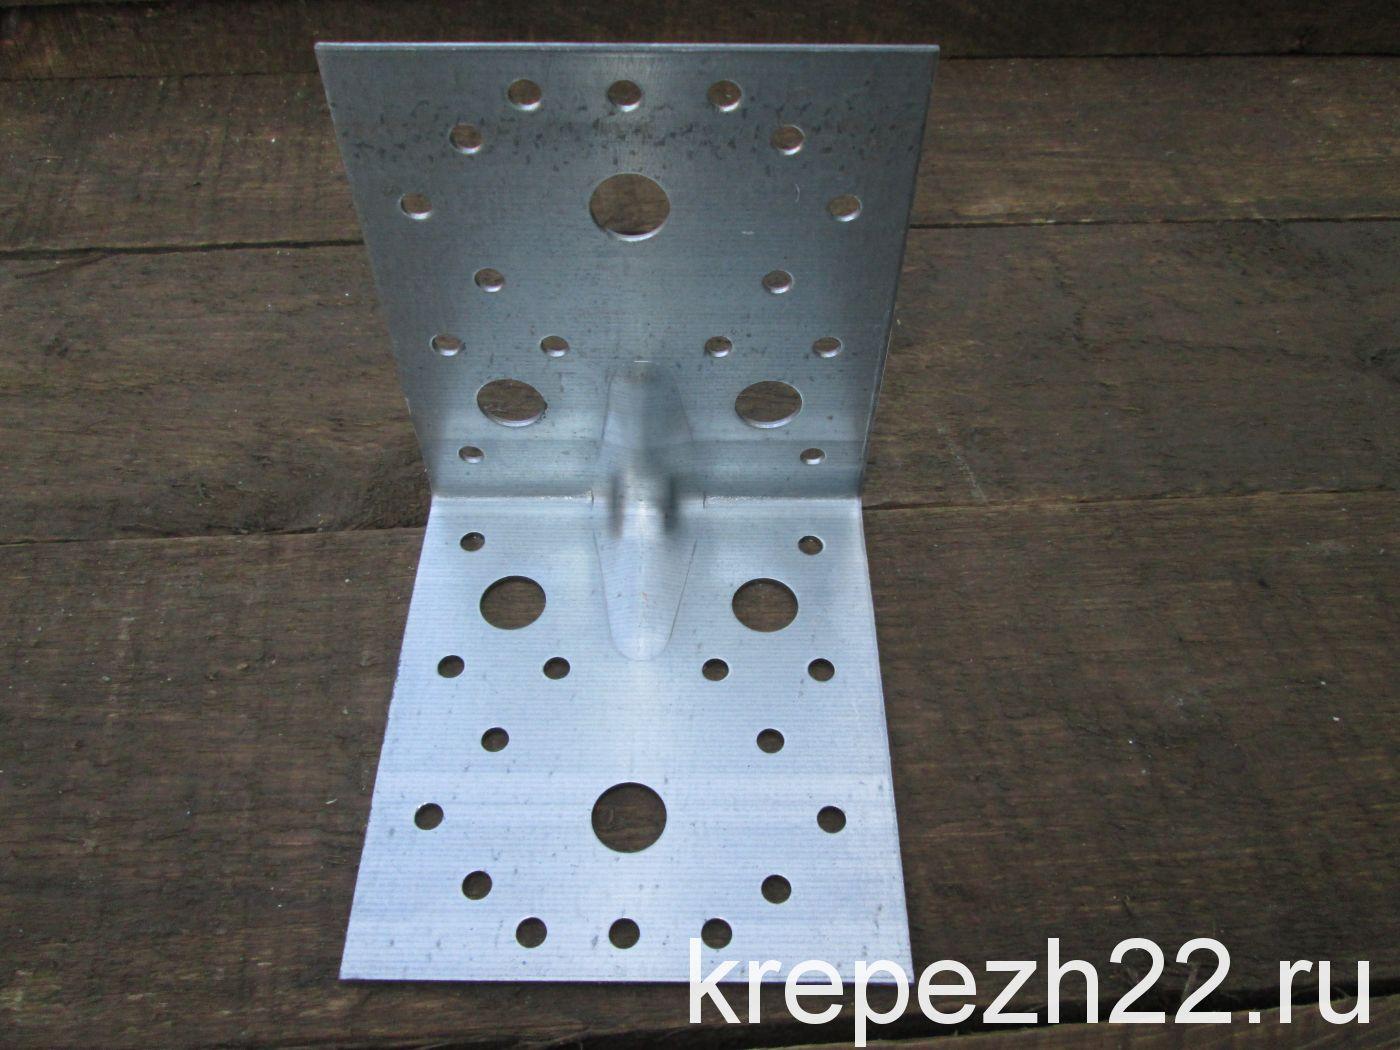 Крепежный уголок усиленный 105*105*90*2 мм